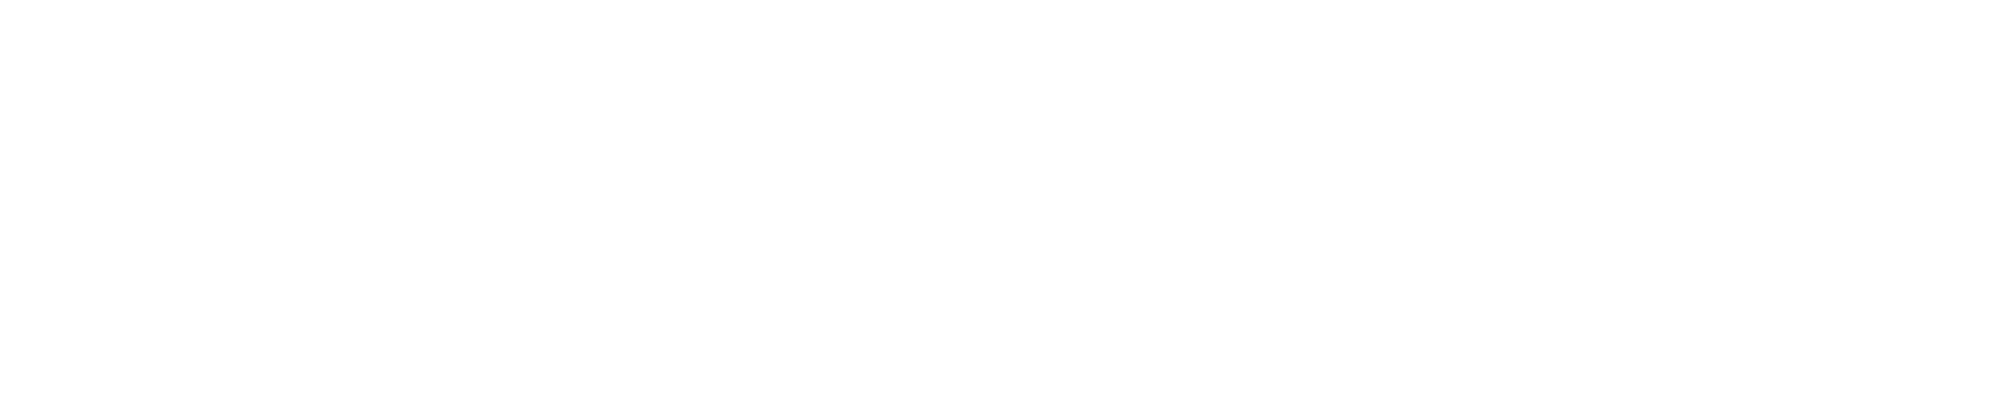 雨宮自動車工業株式会社